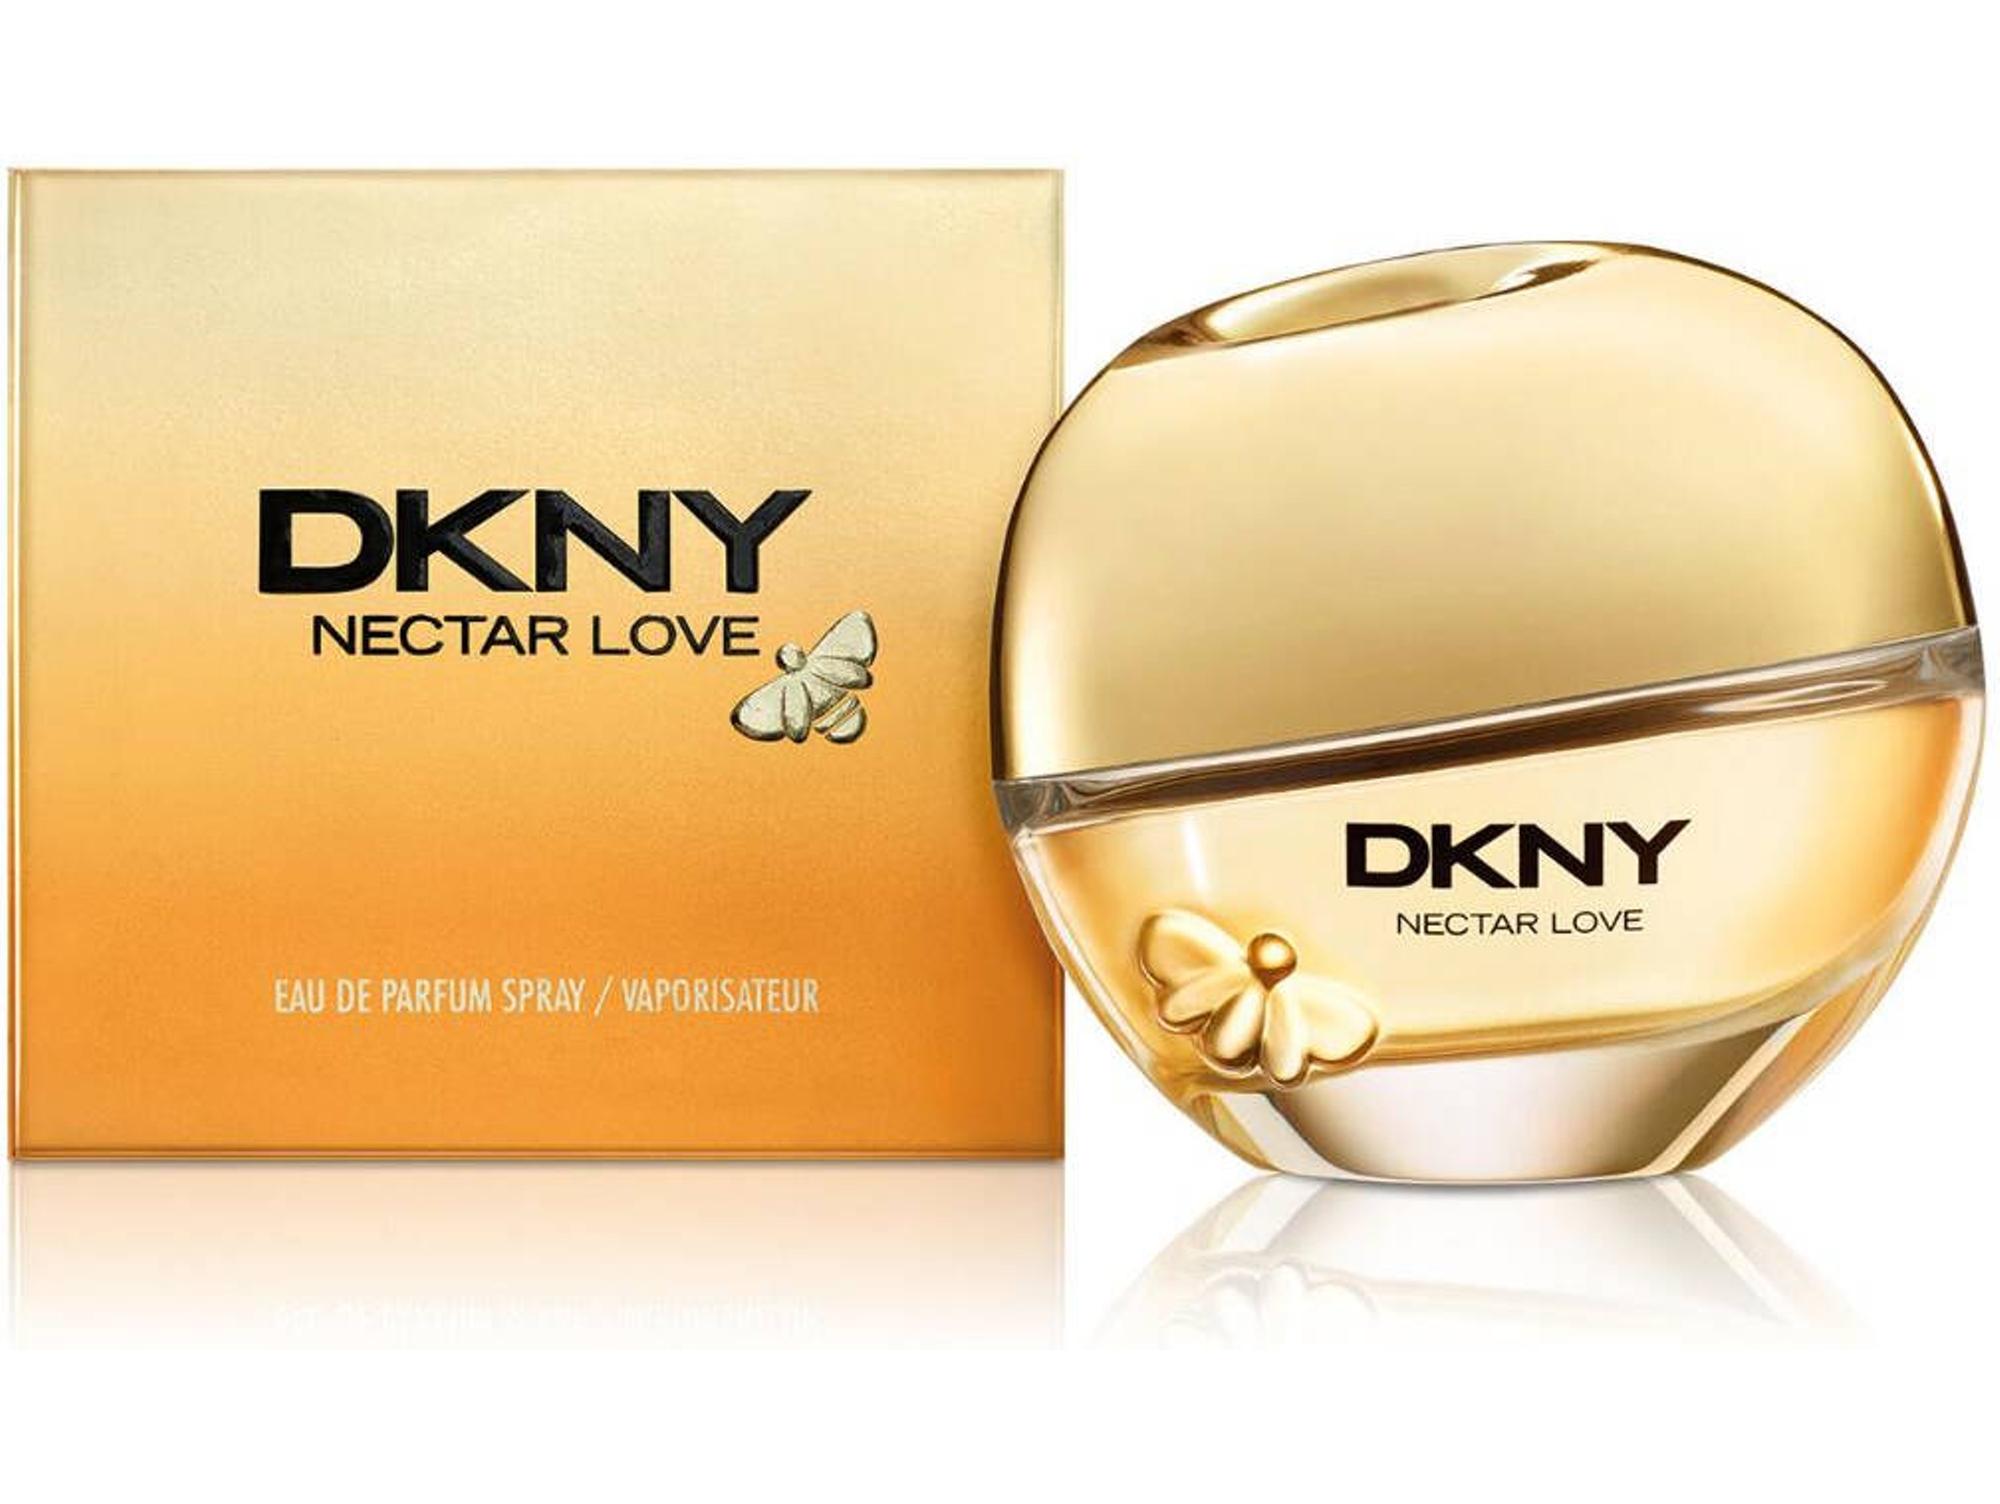 Perfume DKNY Nectar Love Eau de parfum (30 ml)